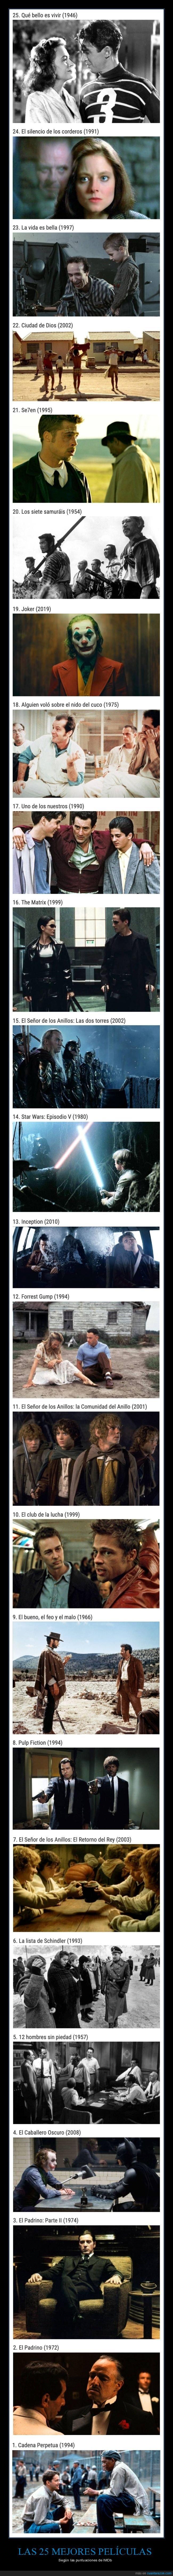 cine,imdb,mejores,películas